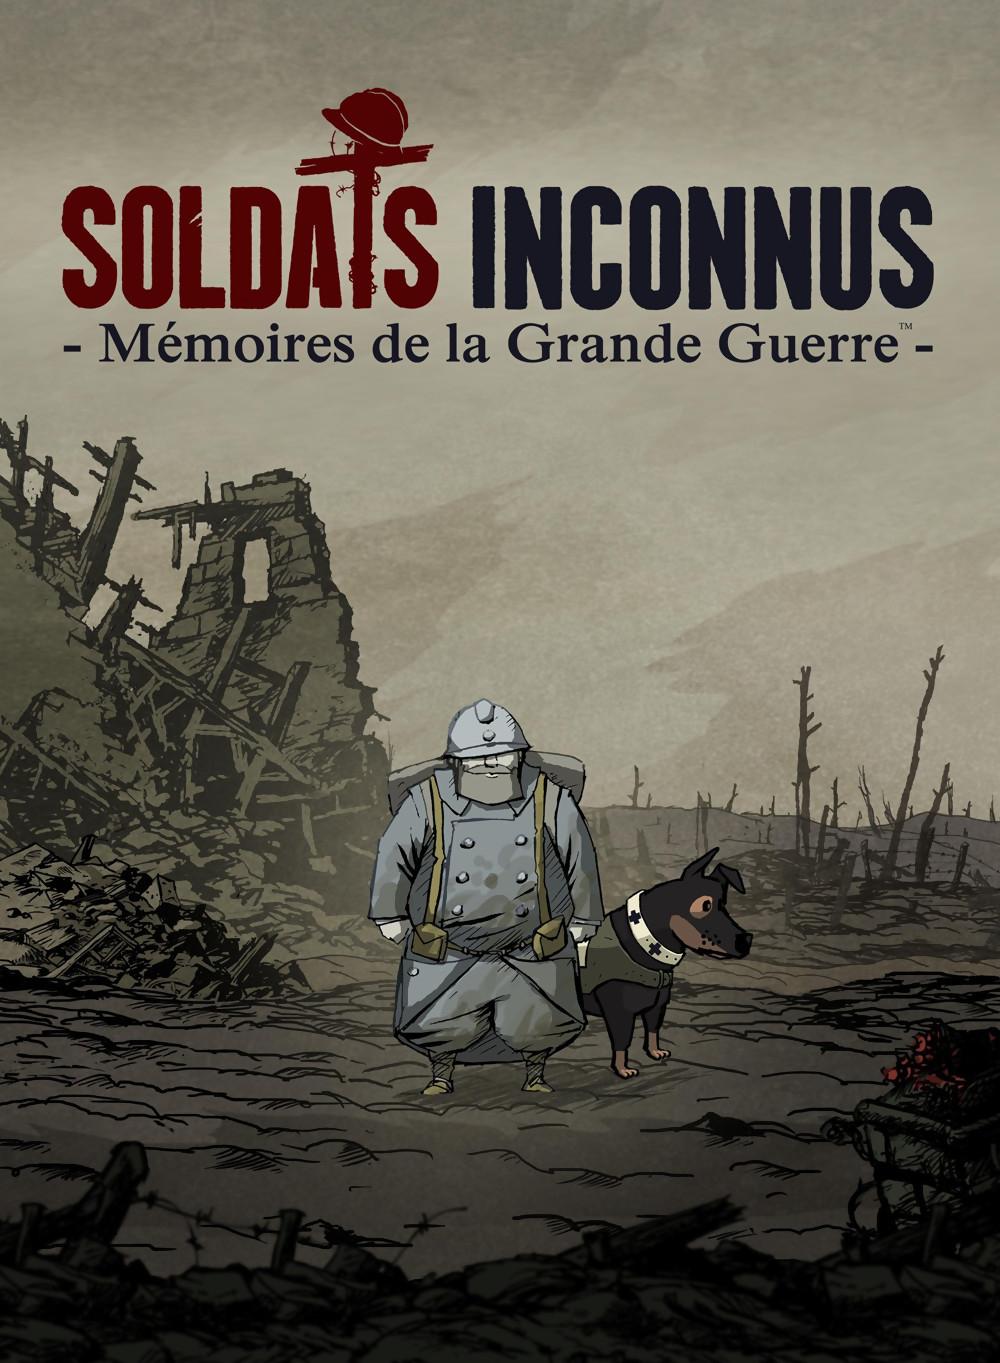 Soldats Inconnus : Mémoires de la Grande Guerre sur Xbox One (Dématérialisé)